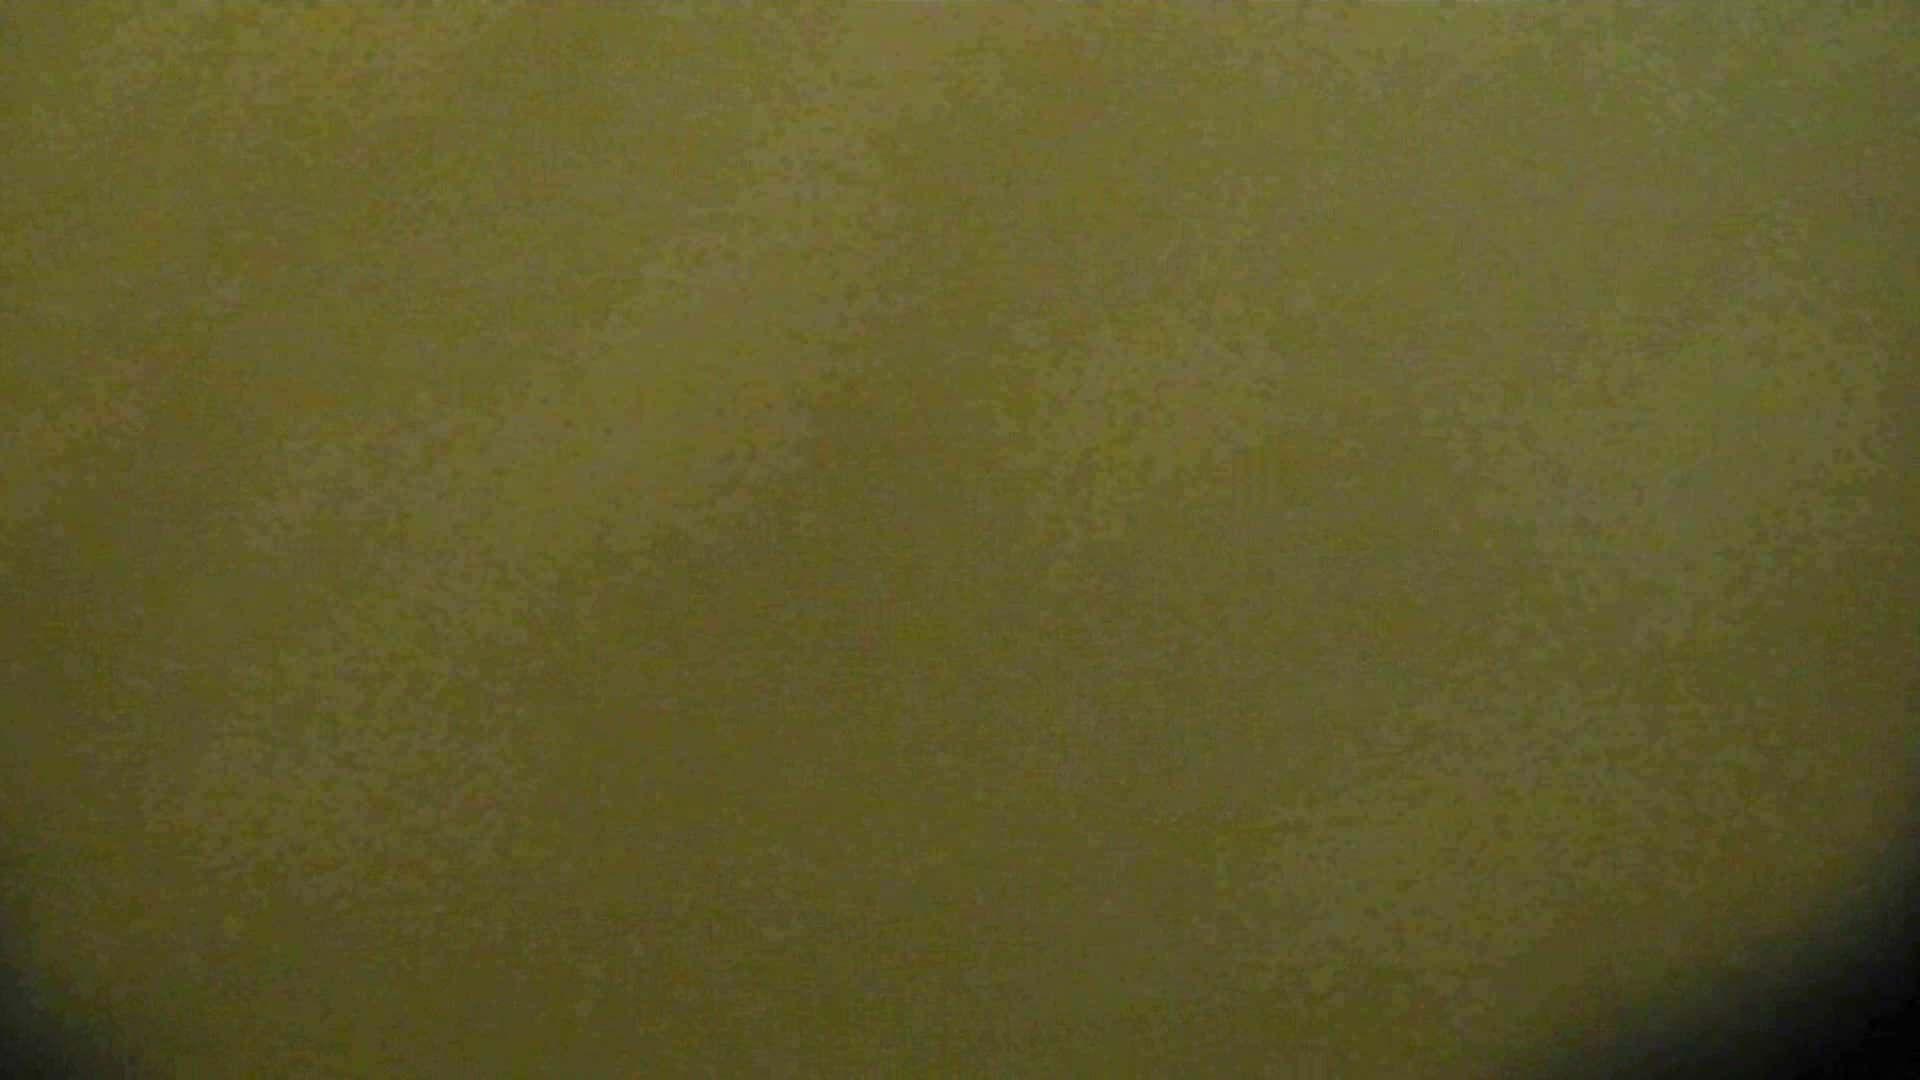 阿国ちゃんの「和式洋式七変化」No.12 和式 | 洗面所着替え  101連発 94